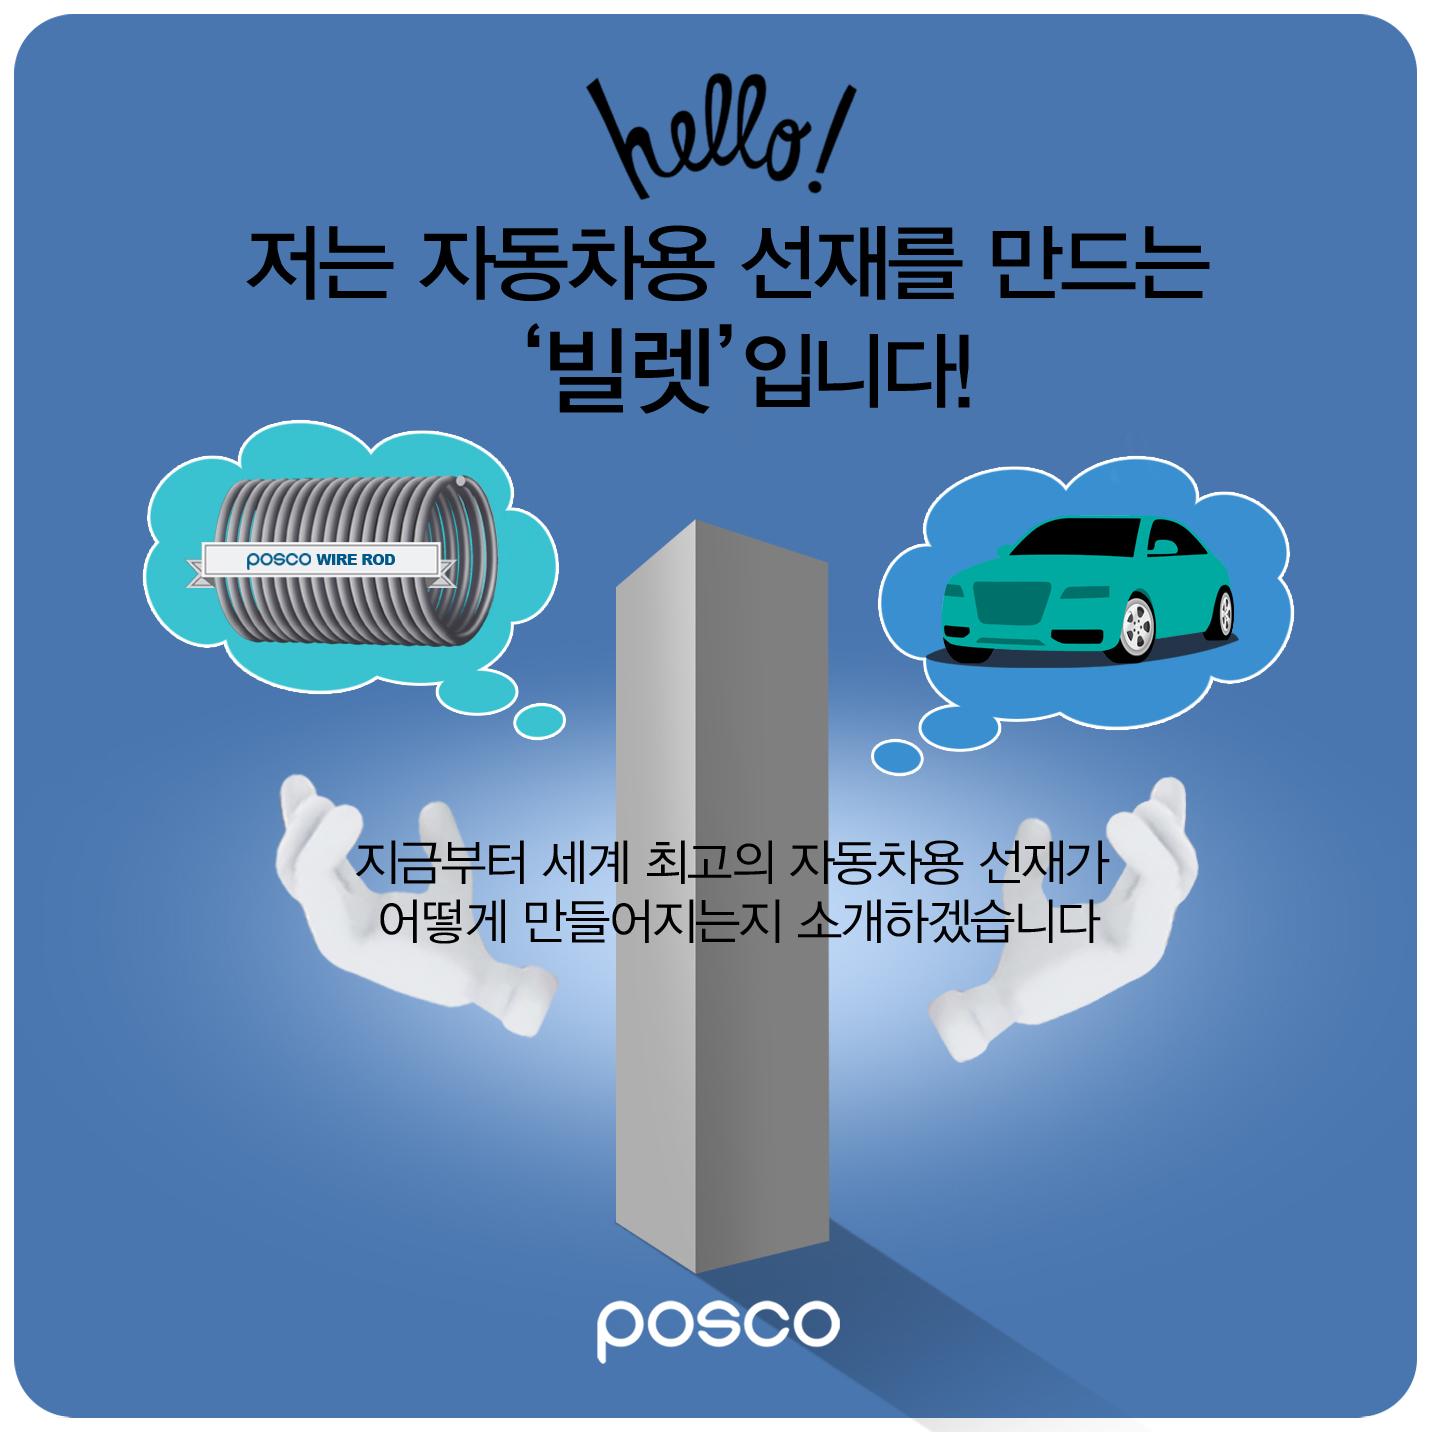 hello! 저는 자동차용 선재를 만드는 '빌렛'입니다! 지금부터 세계 최고의 자동차용 선재가 어떻게 만들어지는지 소개하겠습니다 posco